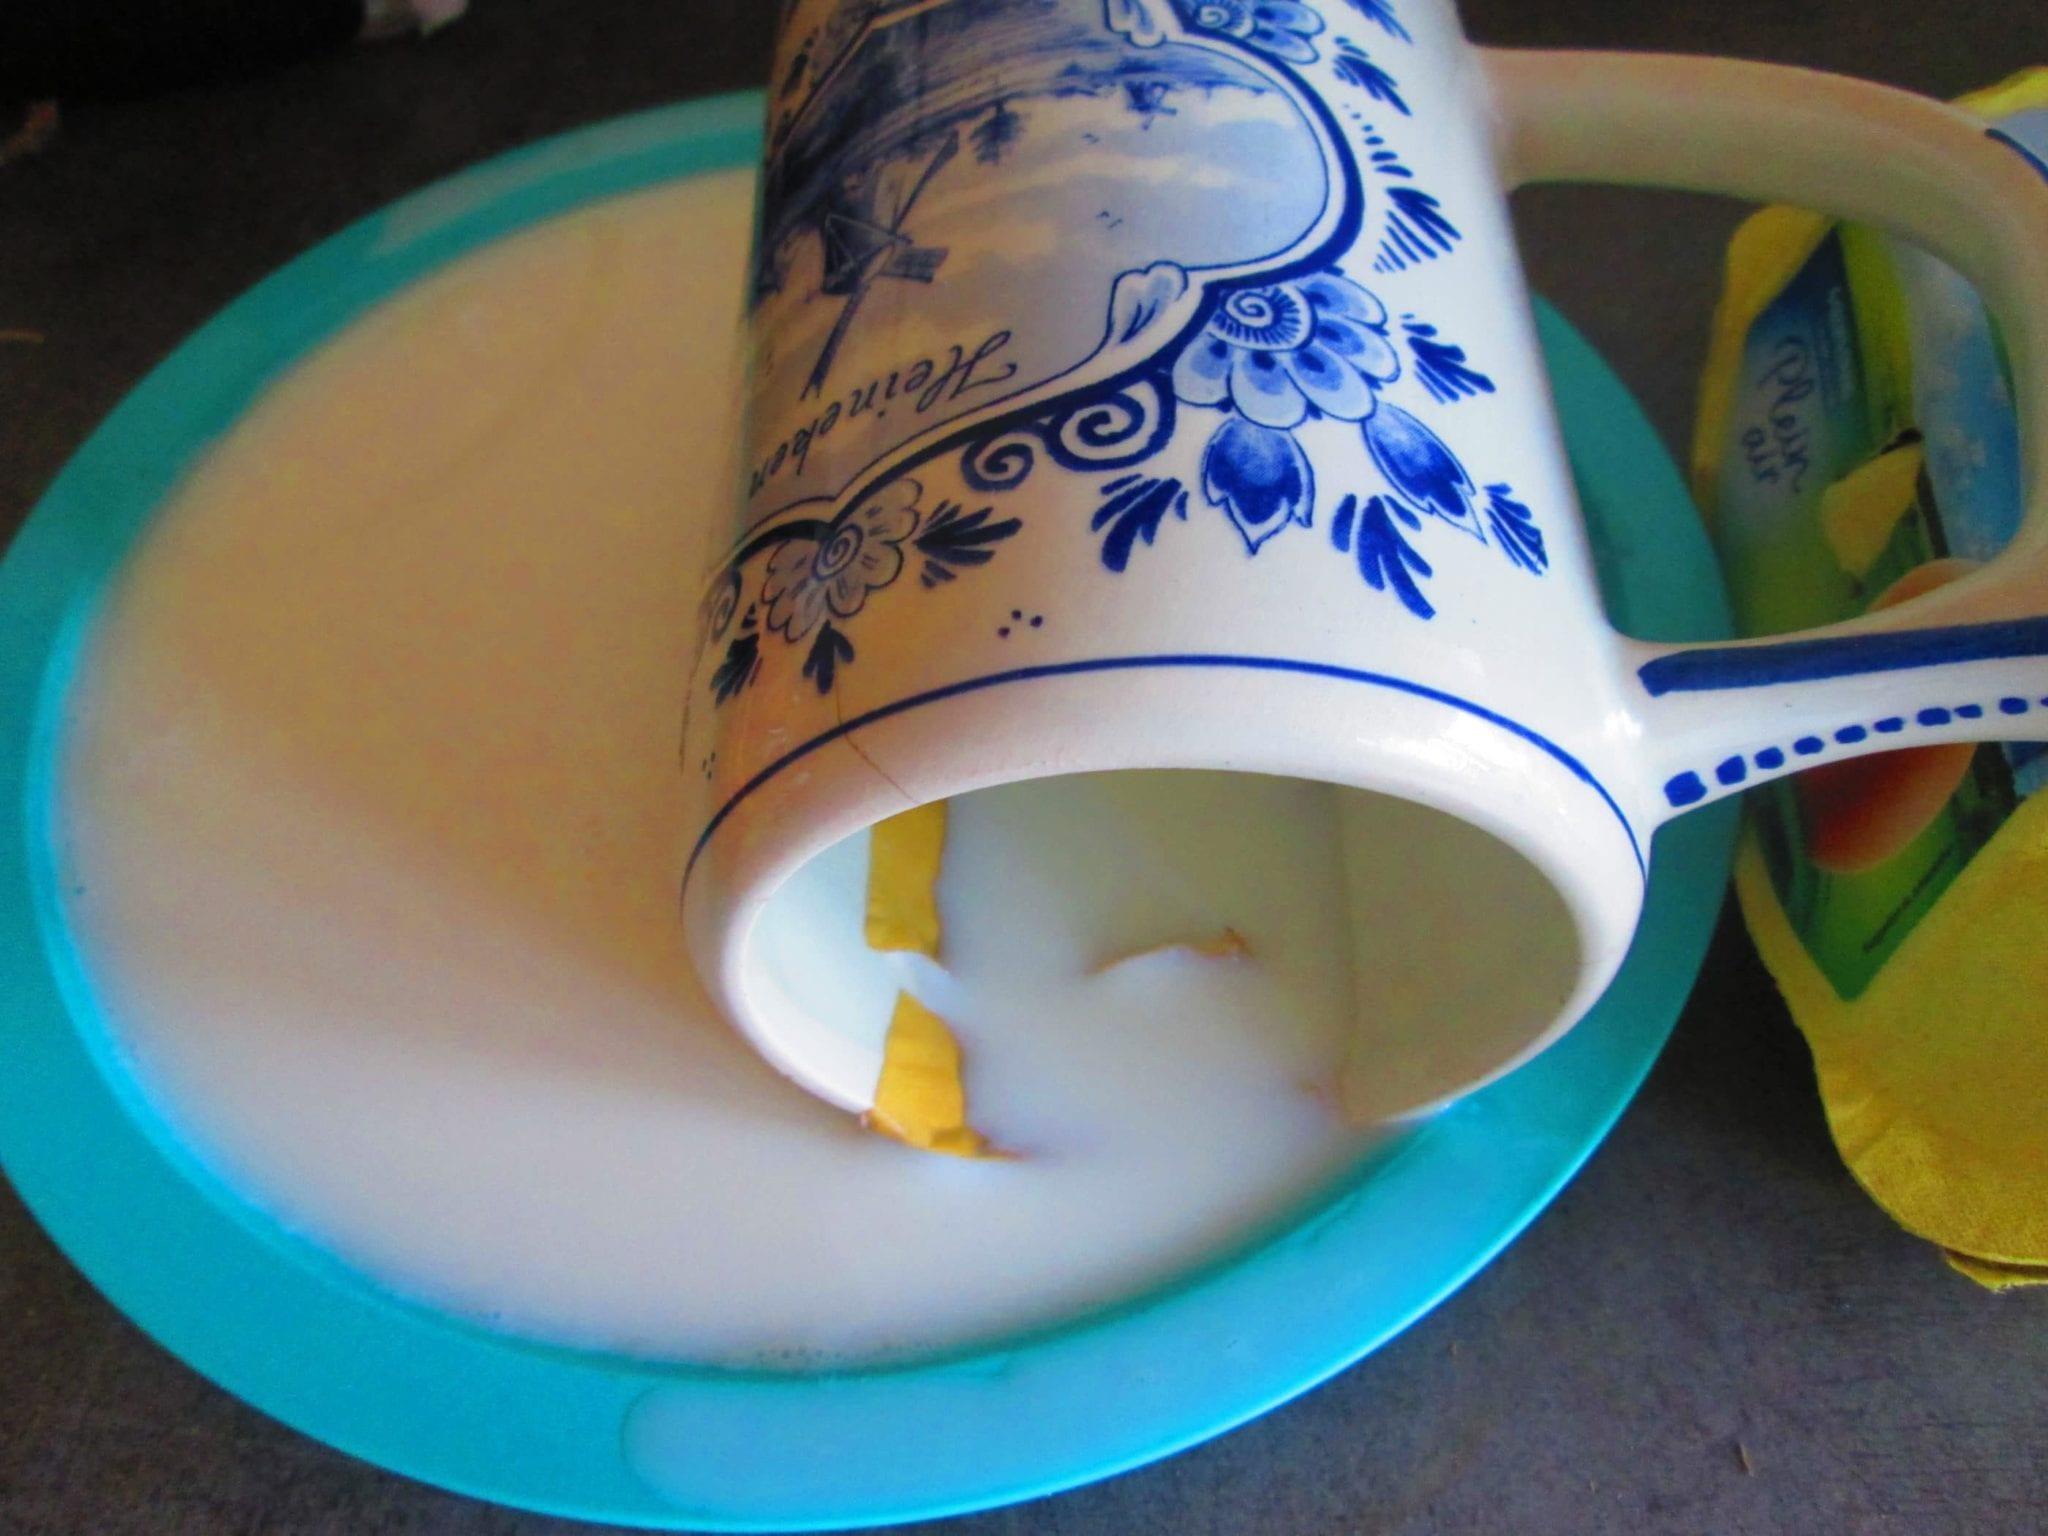 réparer de la porcelaine avec lait - tremper